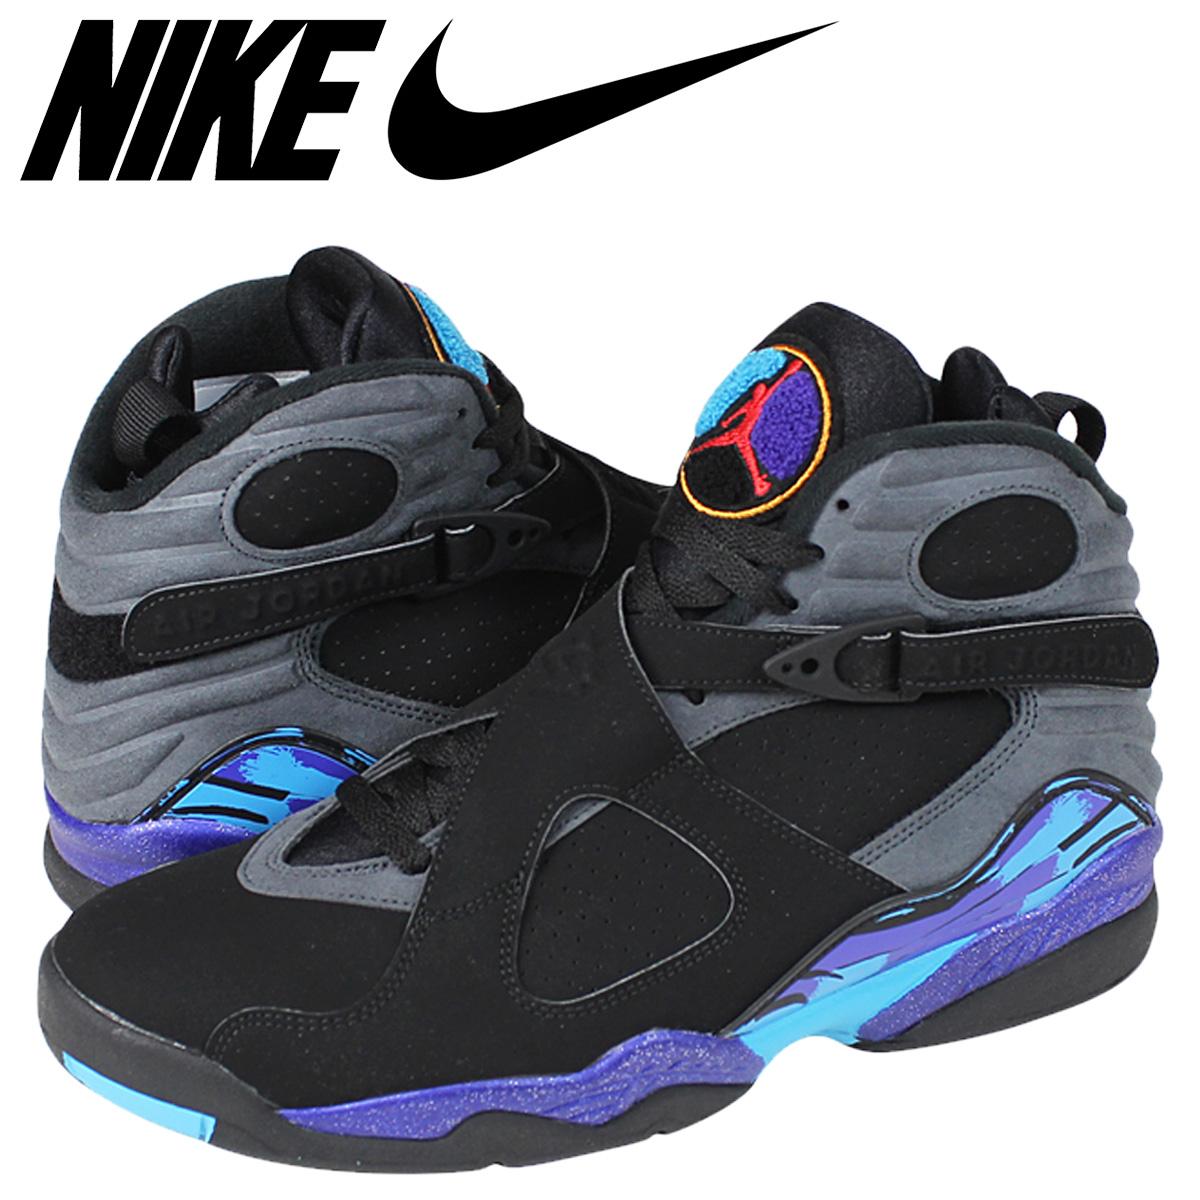 8f74deda8222fb ... release date sold out nike nike air jordan sneakers air jordan 8 retro  aqua air jordan